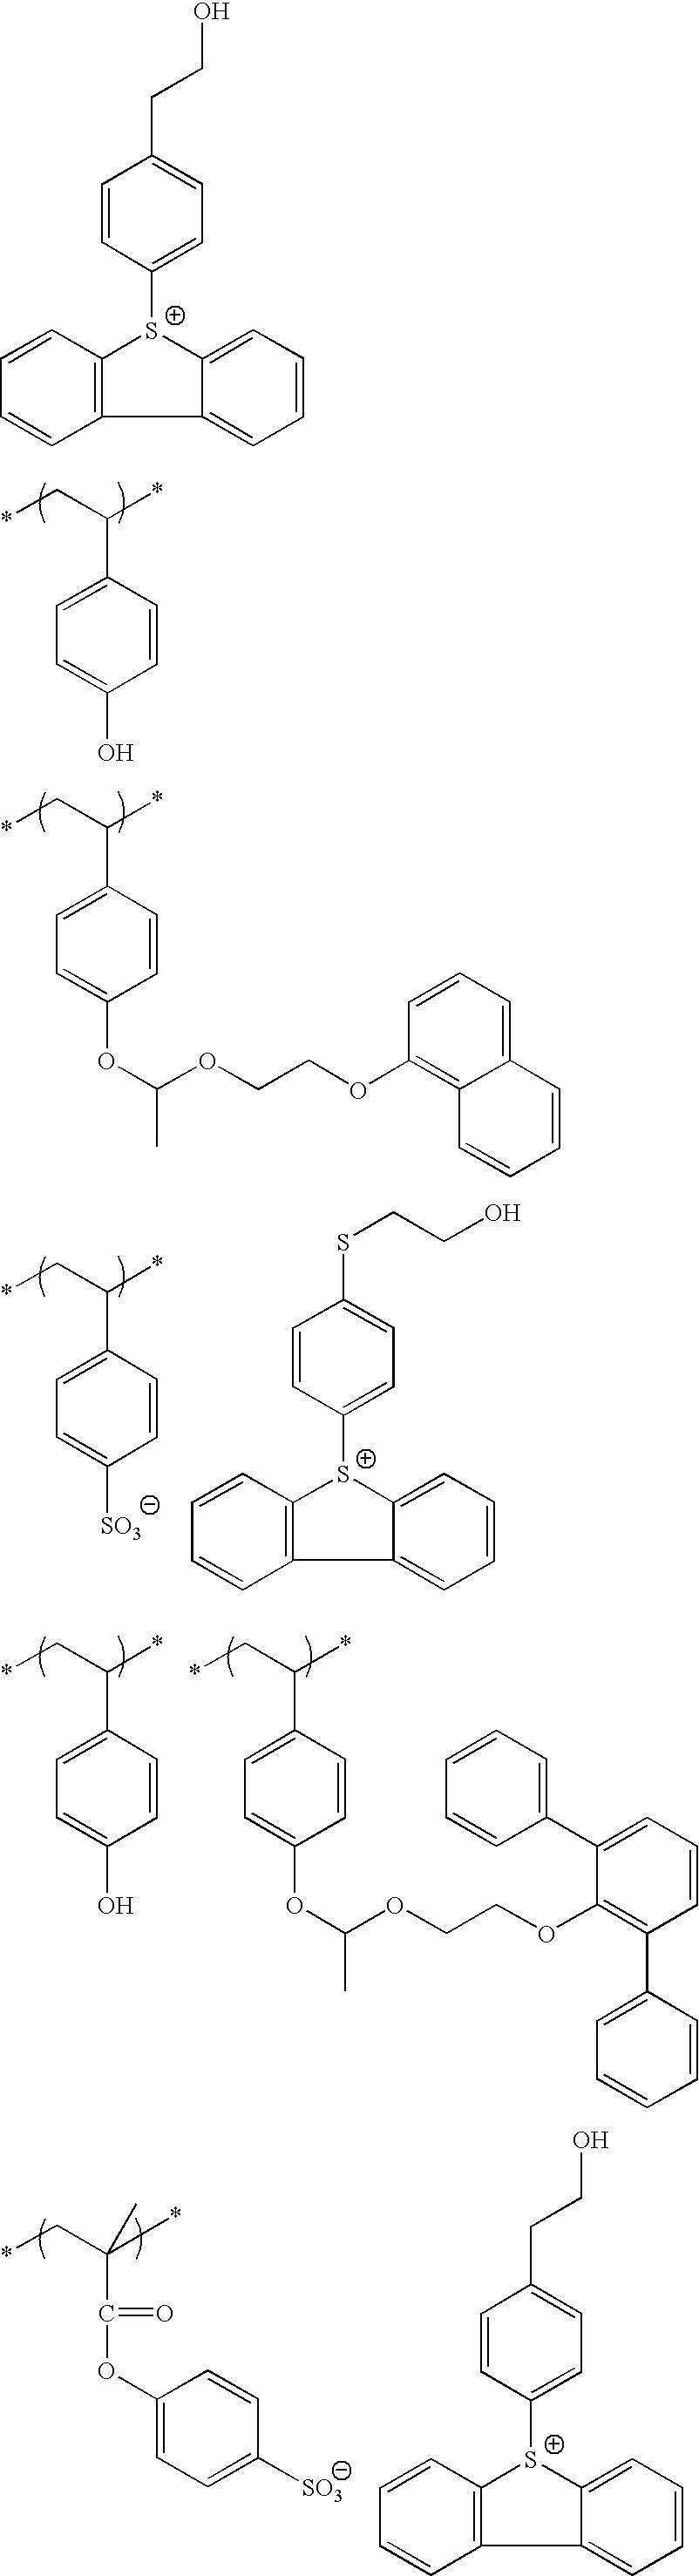 Figure US20100183975A1-20100722-C00168